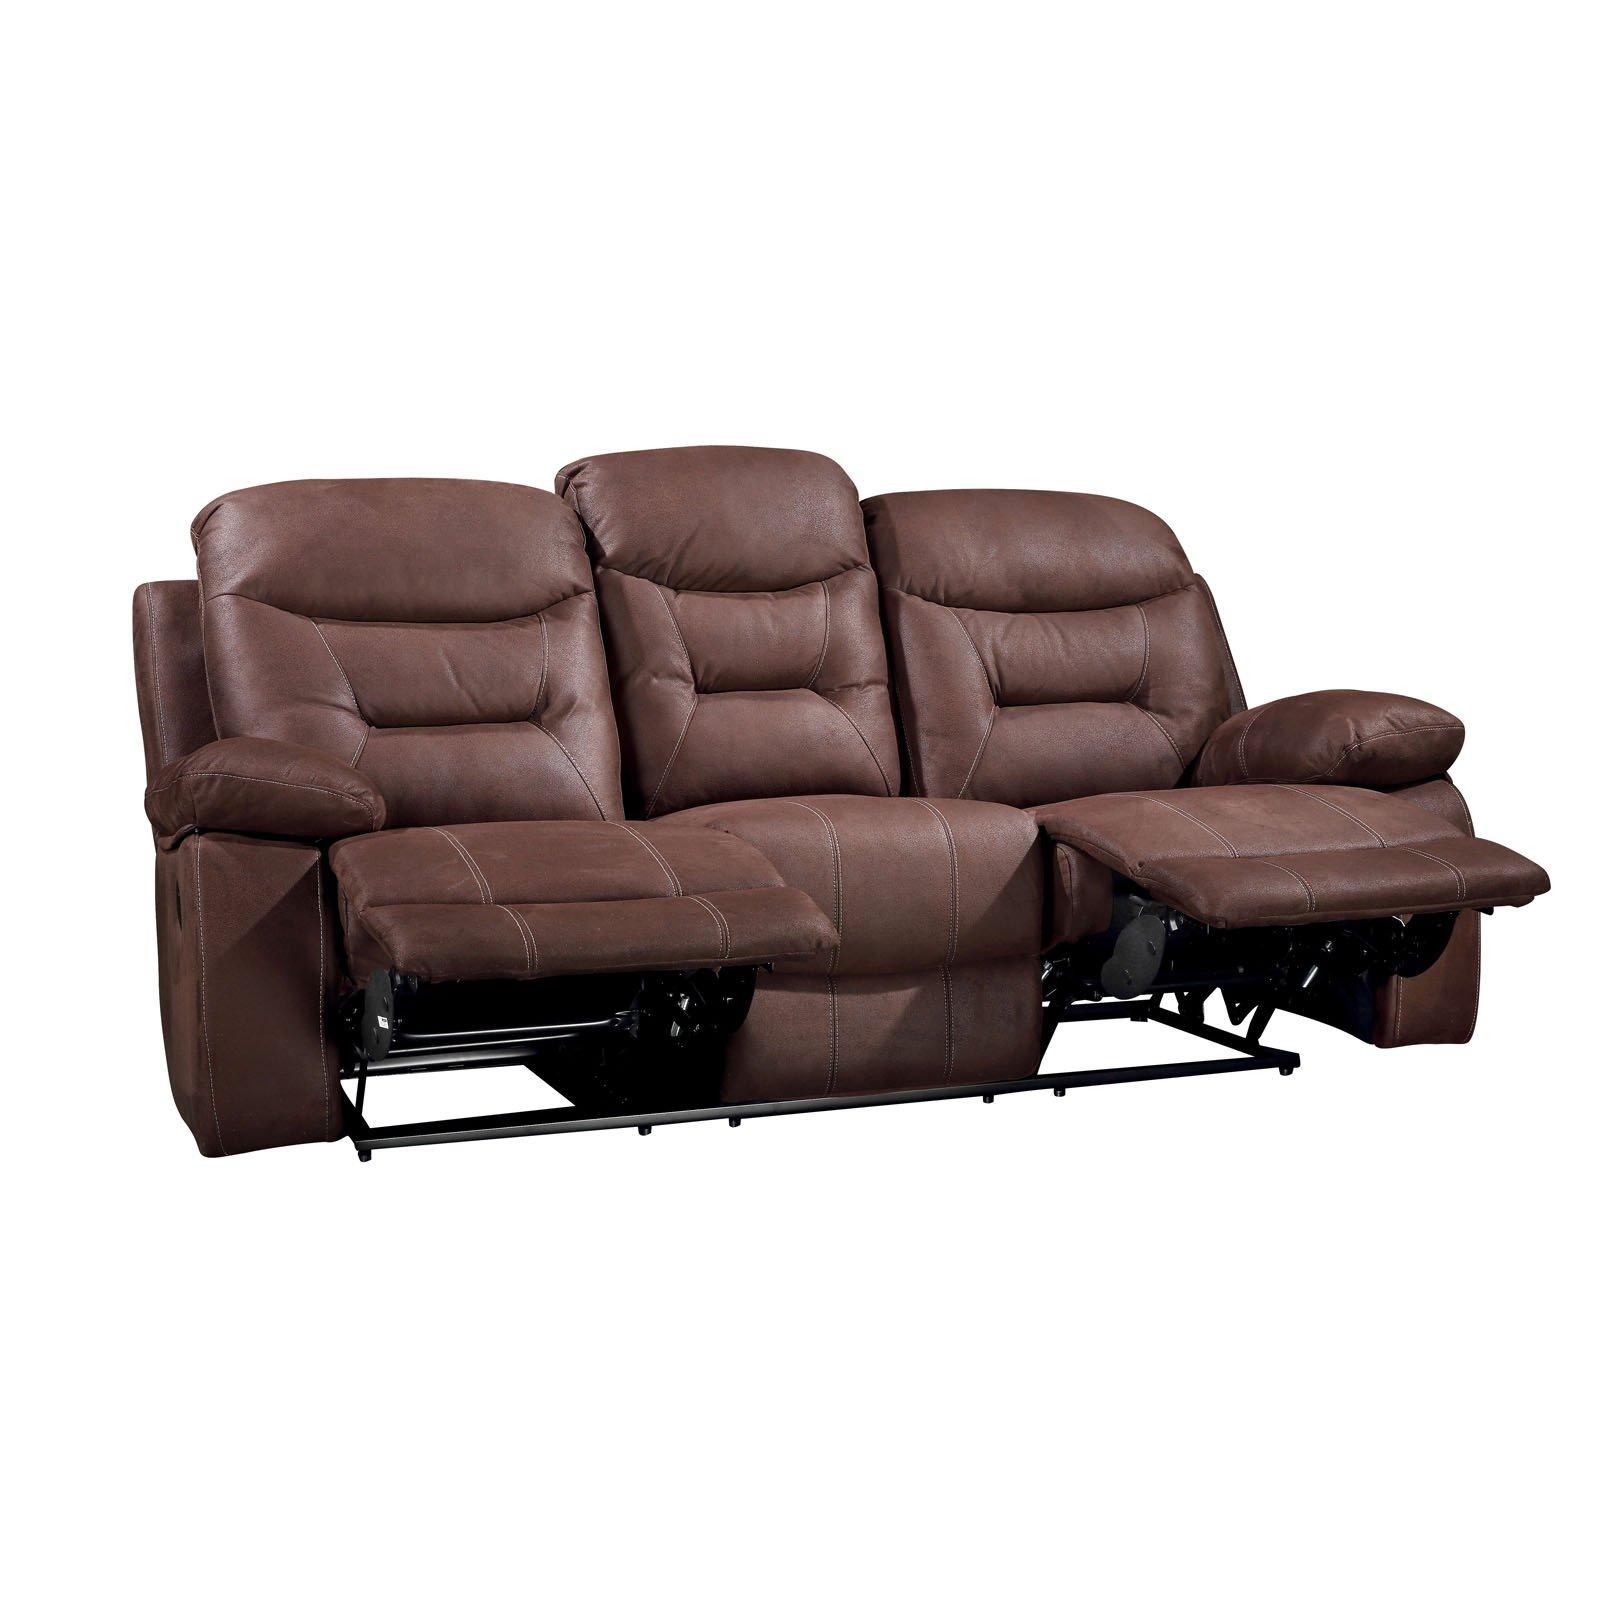 Full Size of 2 Sitzer Sofa Mit Relaxfunktion 3 Greta Braun Sb Lagerkauf 120x200 Bett Stauraum 160x200 Schlafsofa Liegefläche 180x200 Esstisch 4 Stühlen Günstig Sofa 2 Sitzer Sofa Mit Relaxfunktion